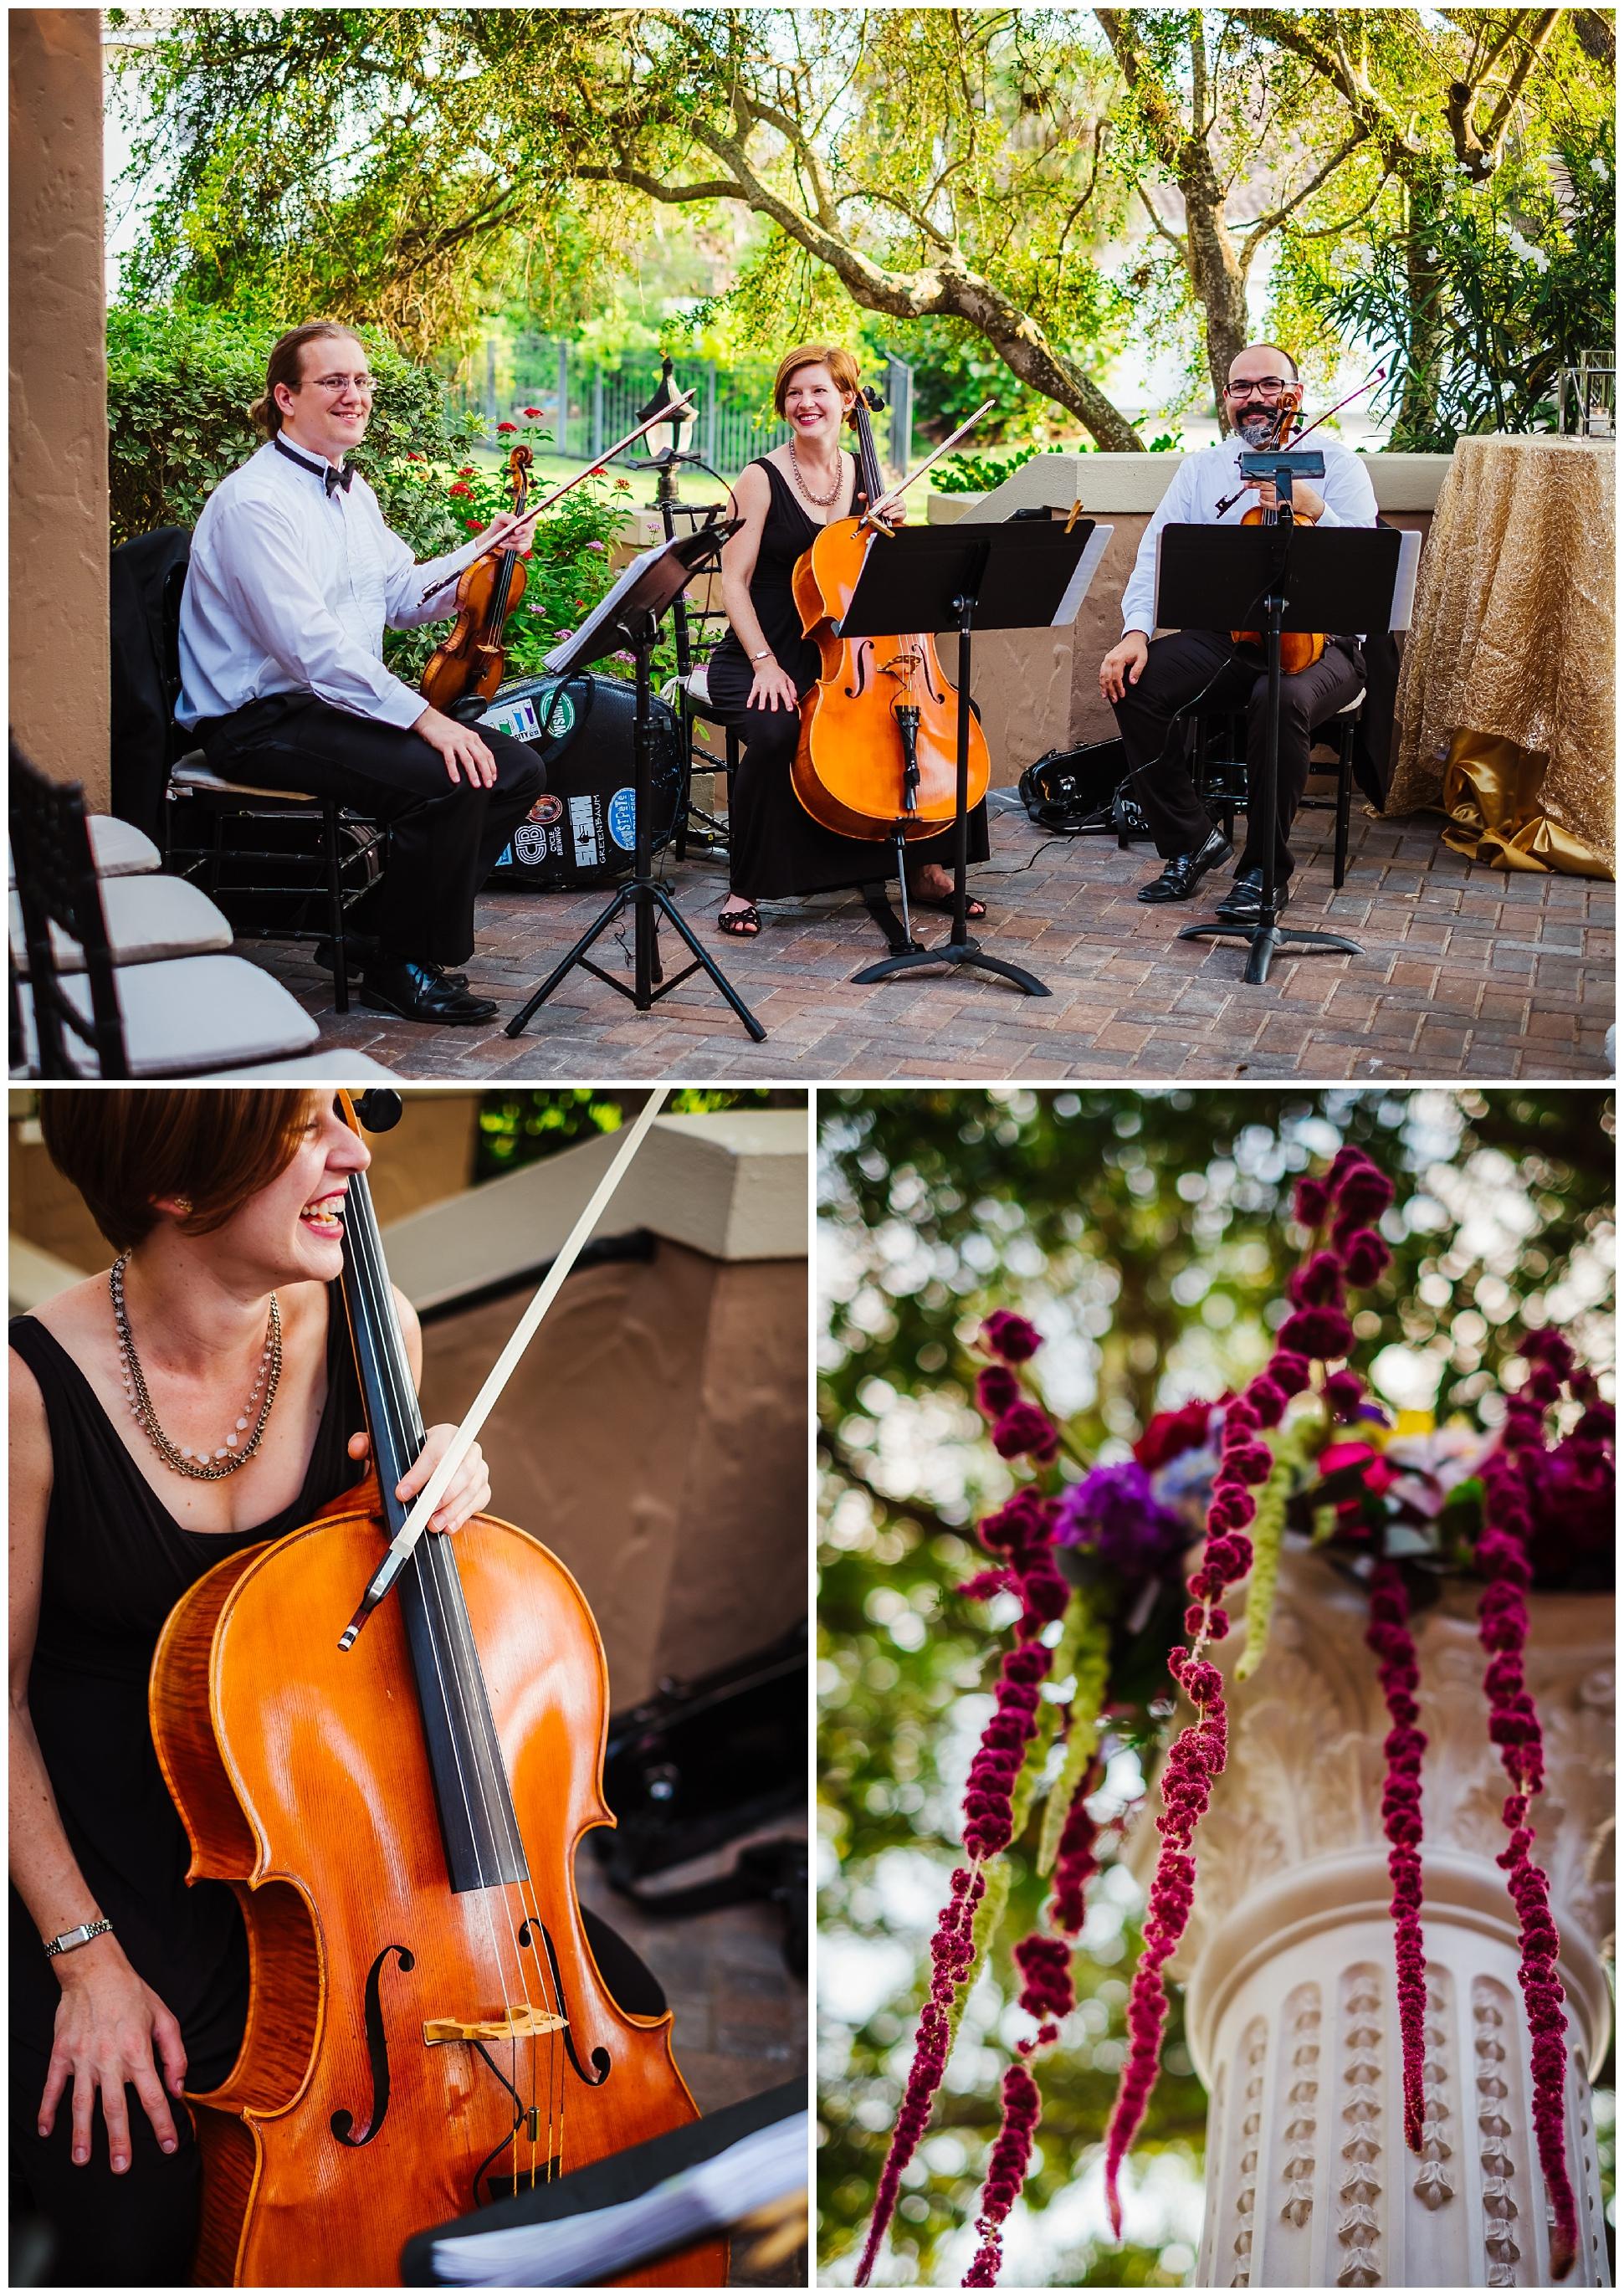 tierra-verde-st-pete-florida-home-luxury-wedding-greenery-pink-pixie-bride_0048.jpg